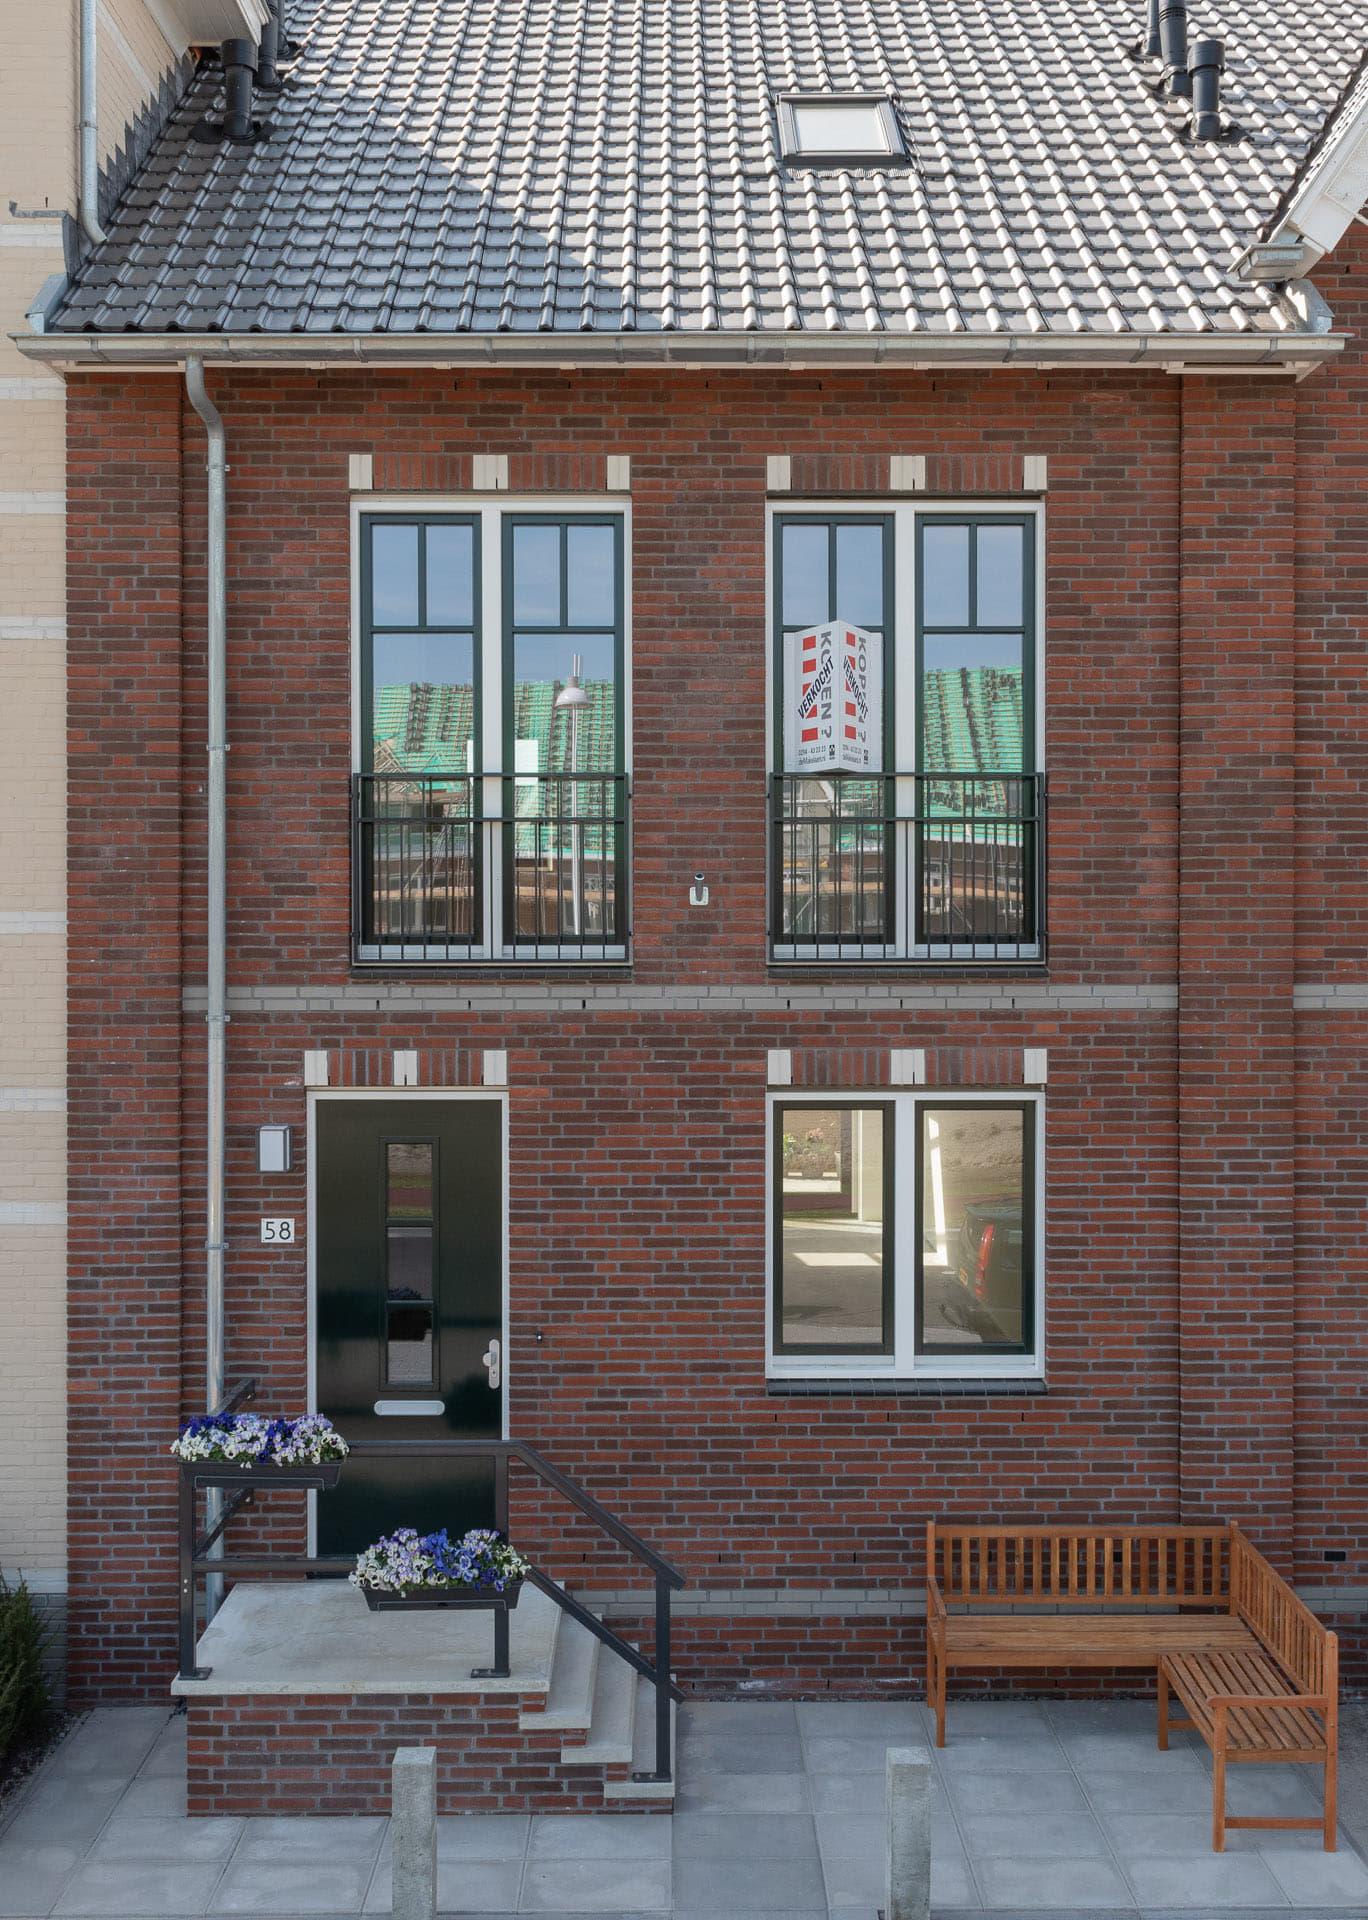 Gevel van rode steen met een voordeur met een trapje en drie ramen